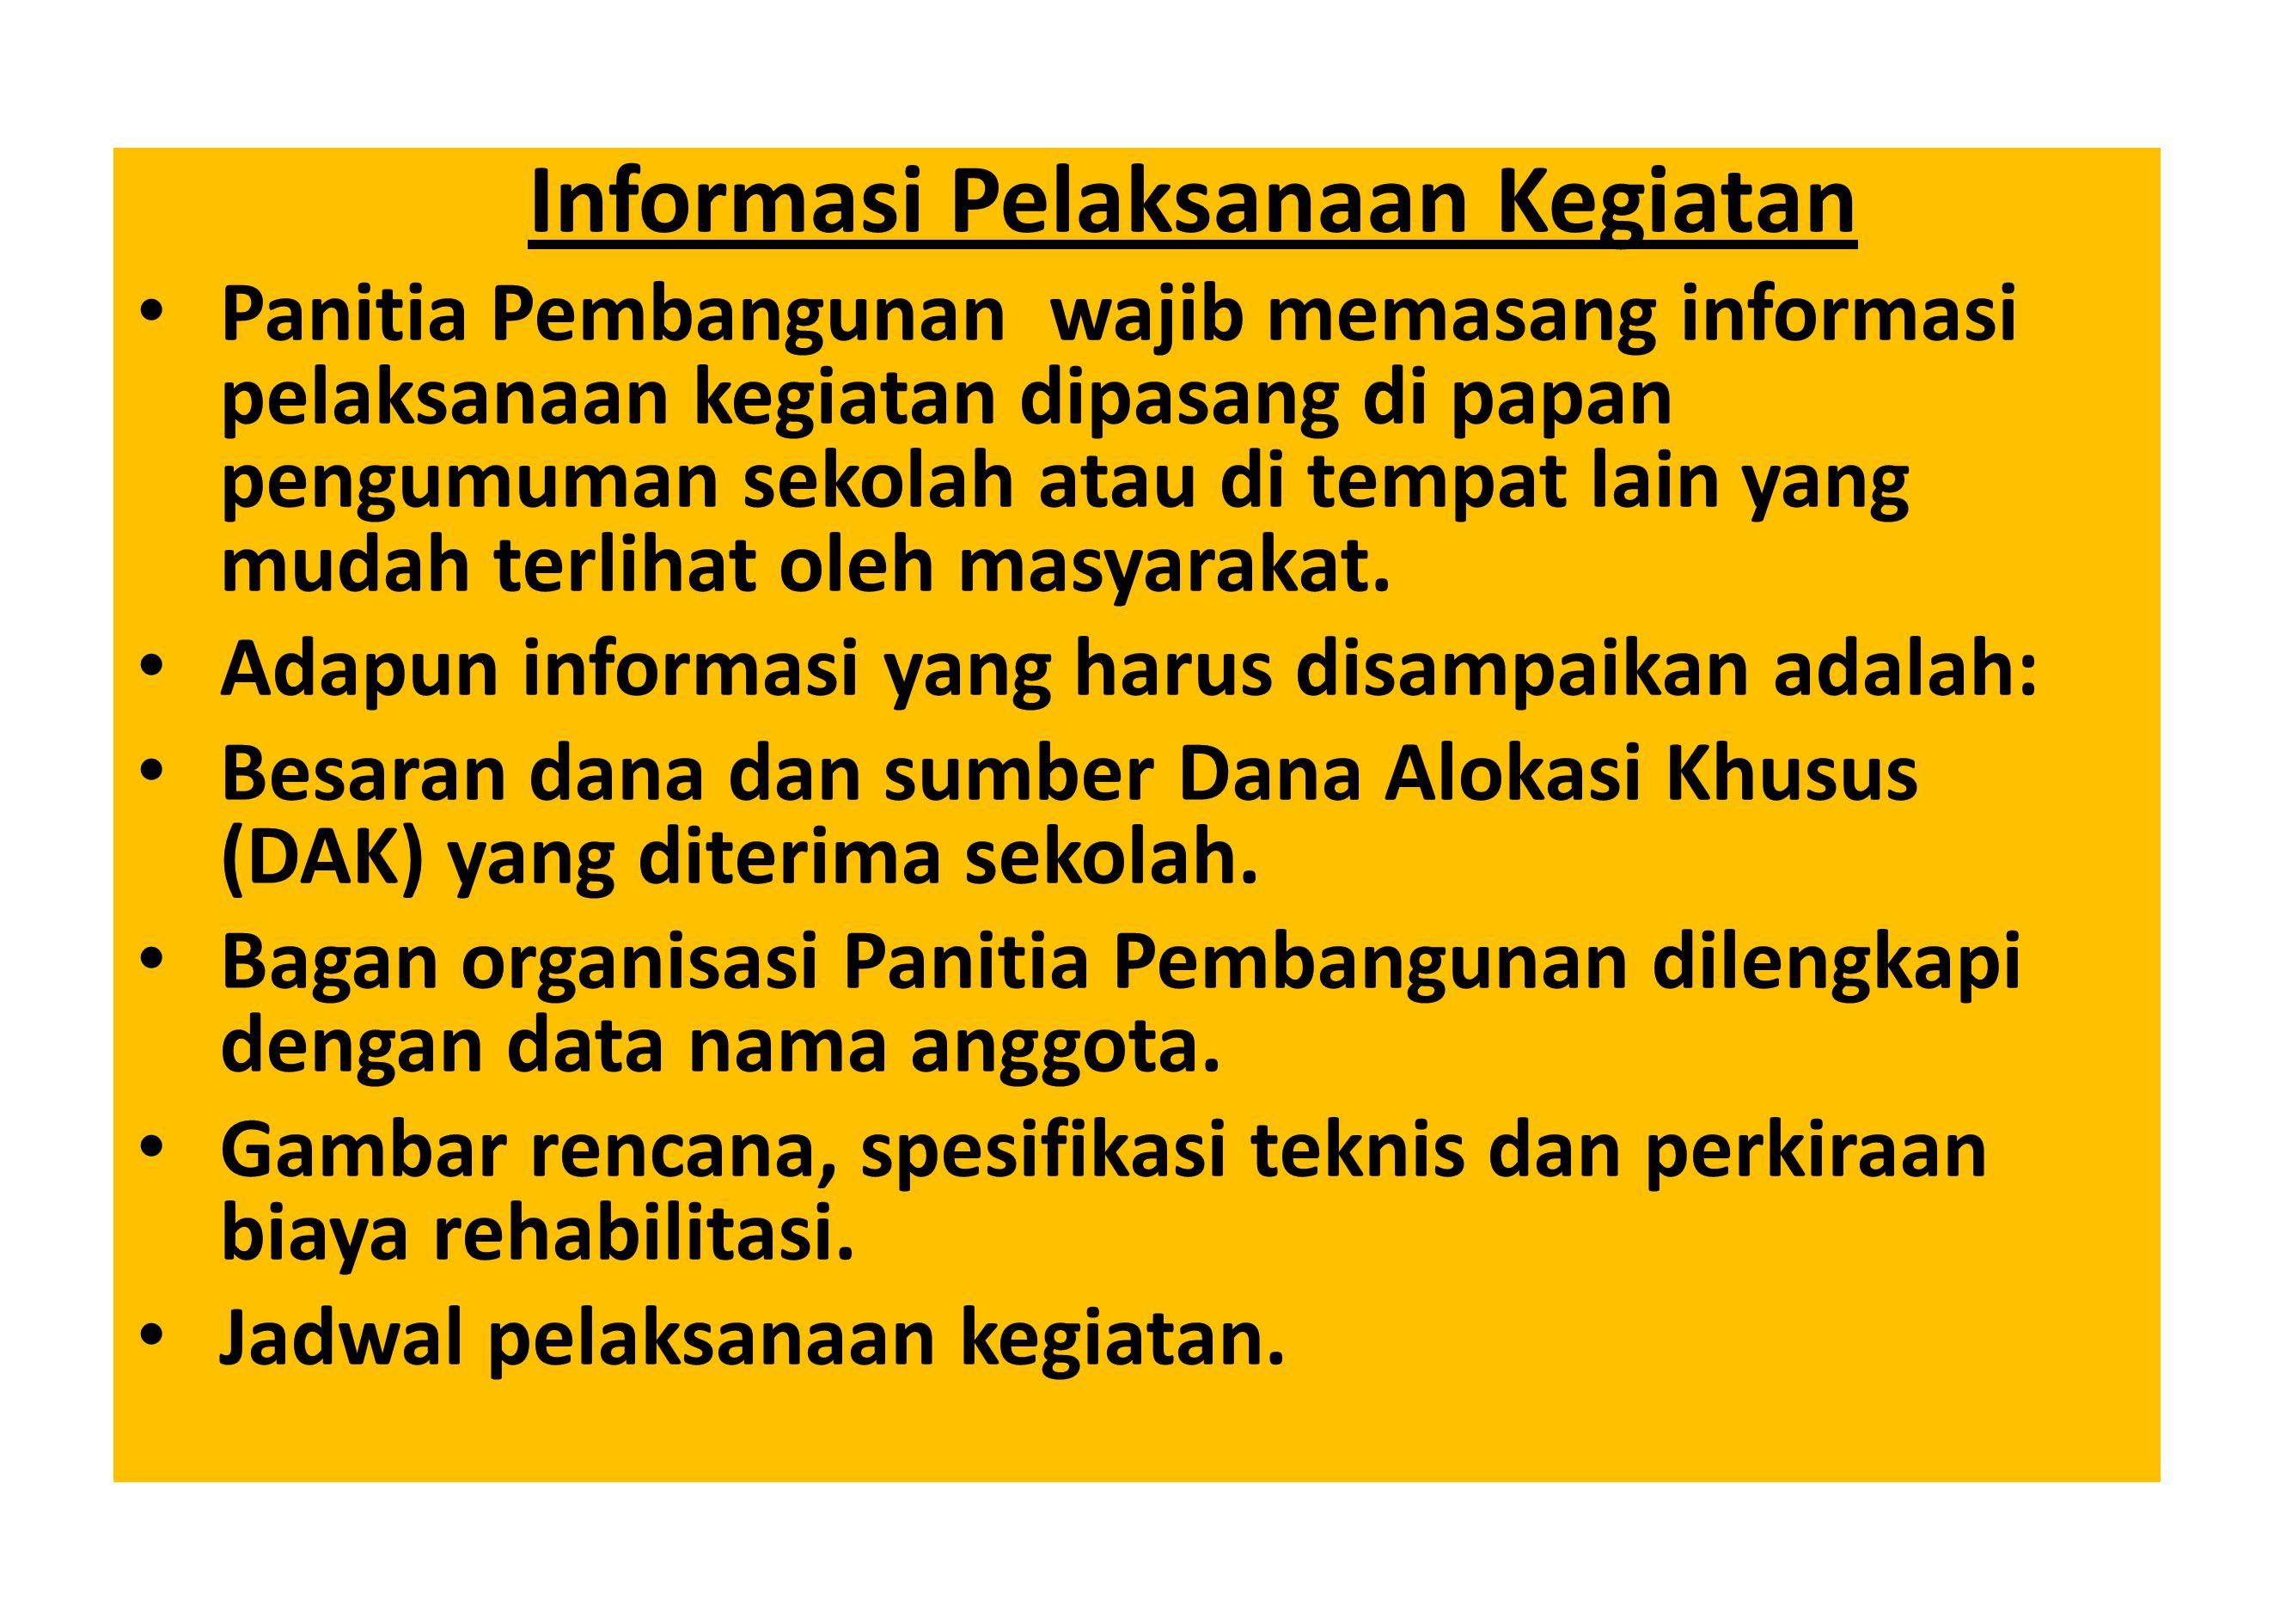 Informasi Pelaksanaan Kegiatan